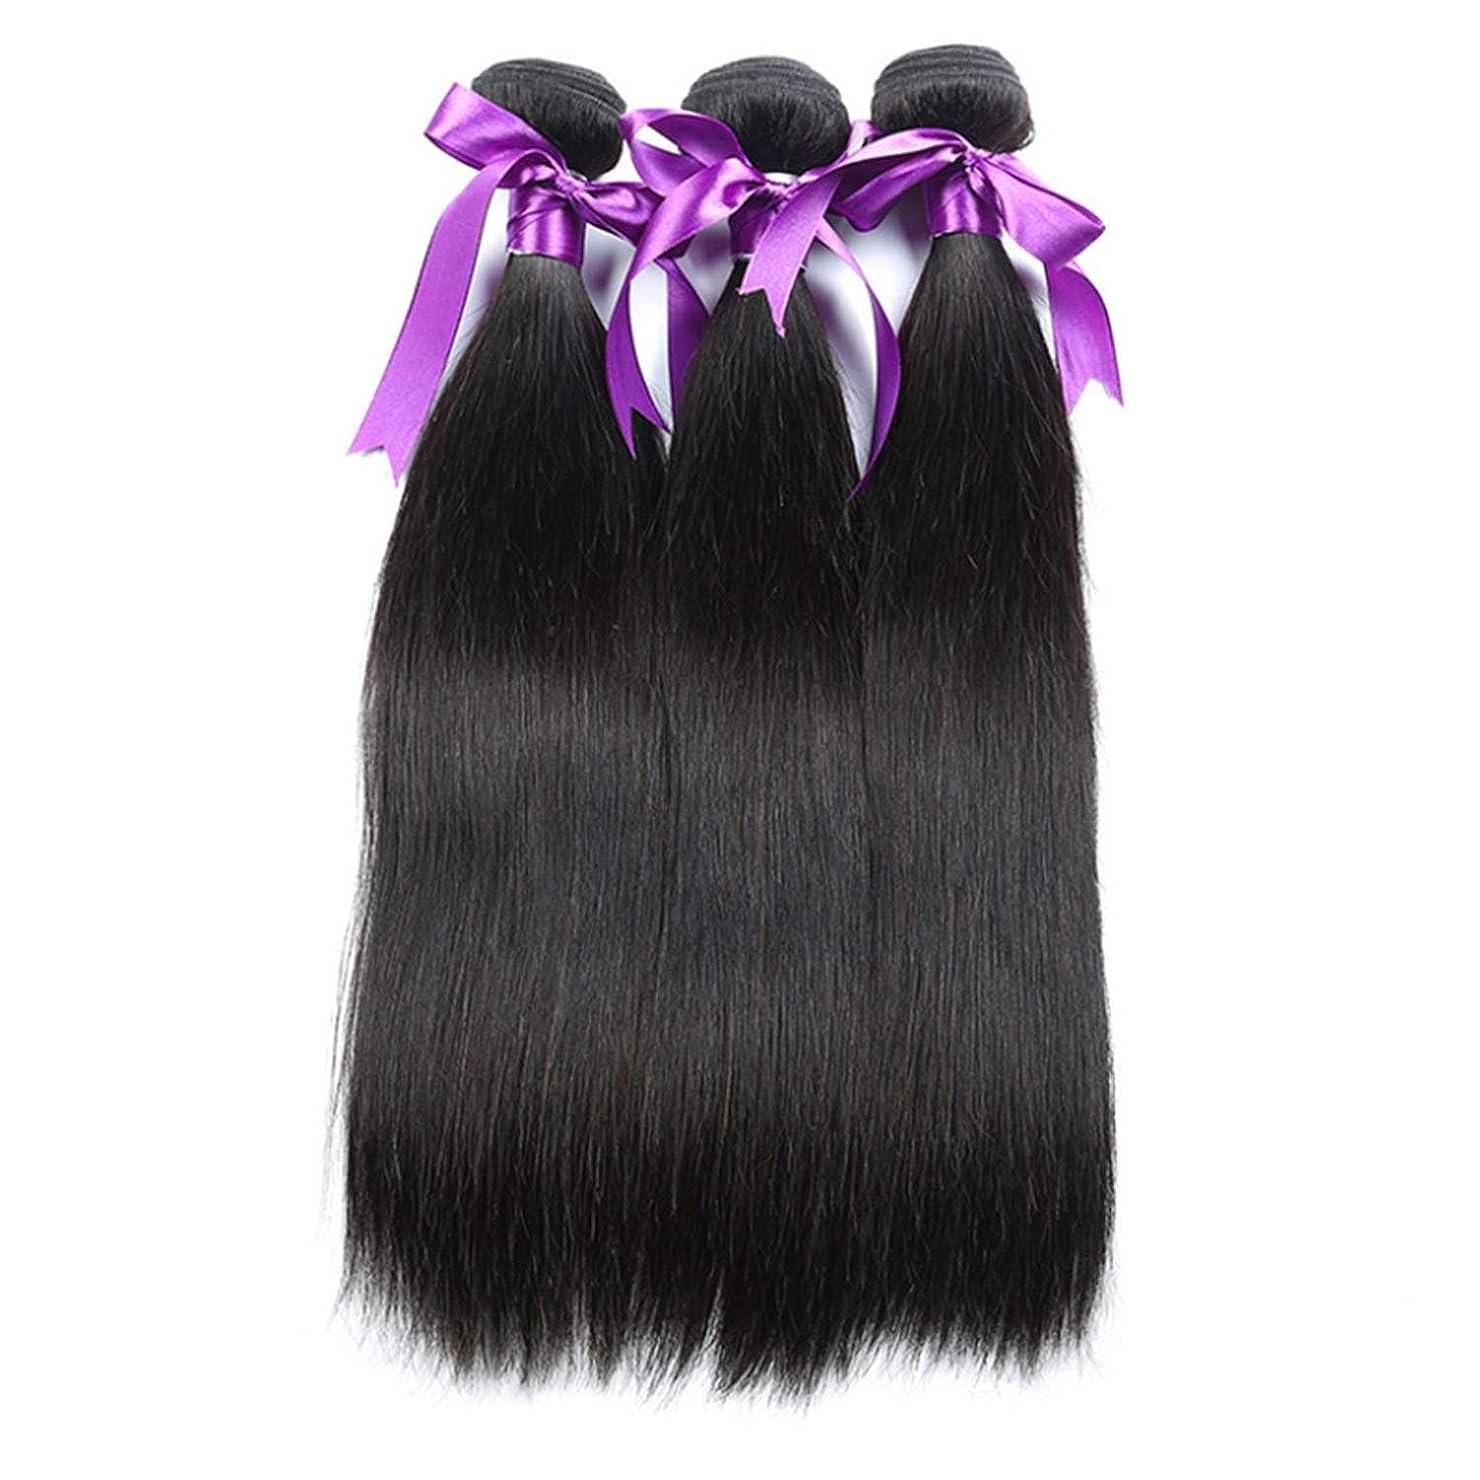 落ちた該当する心配するペルーのストレートヘア織り3バンドル/ロット100%人のRemyの髪横糸8-28インチボディヘアエクステンション (Stretched Length : 24 26 28)